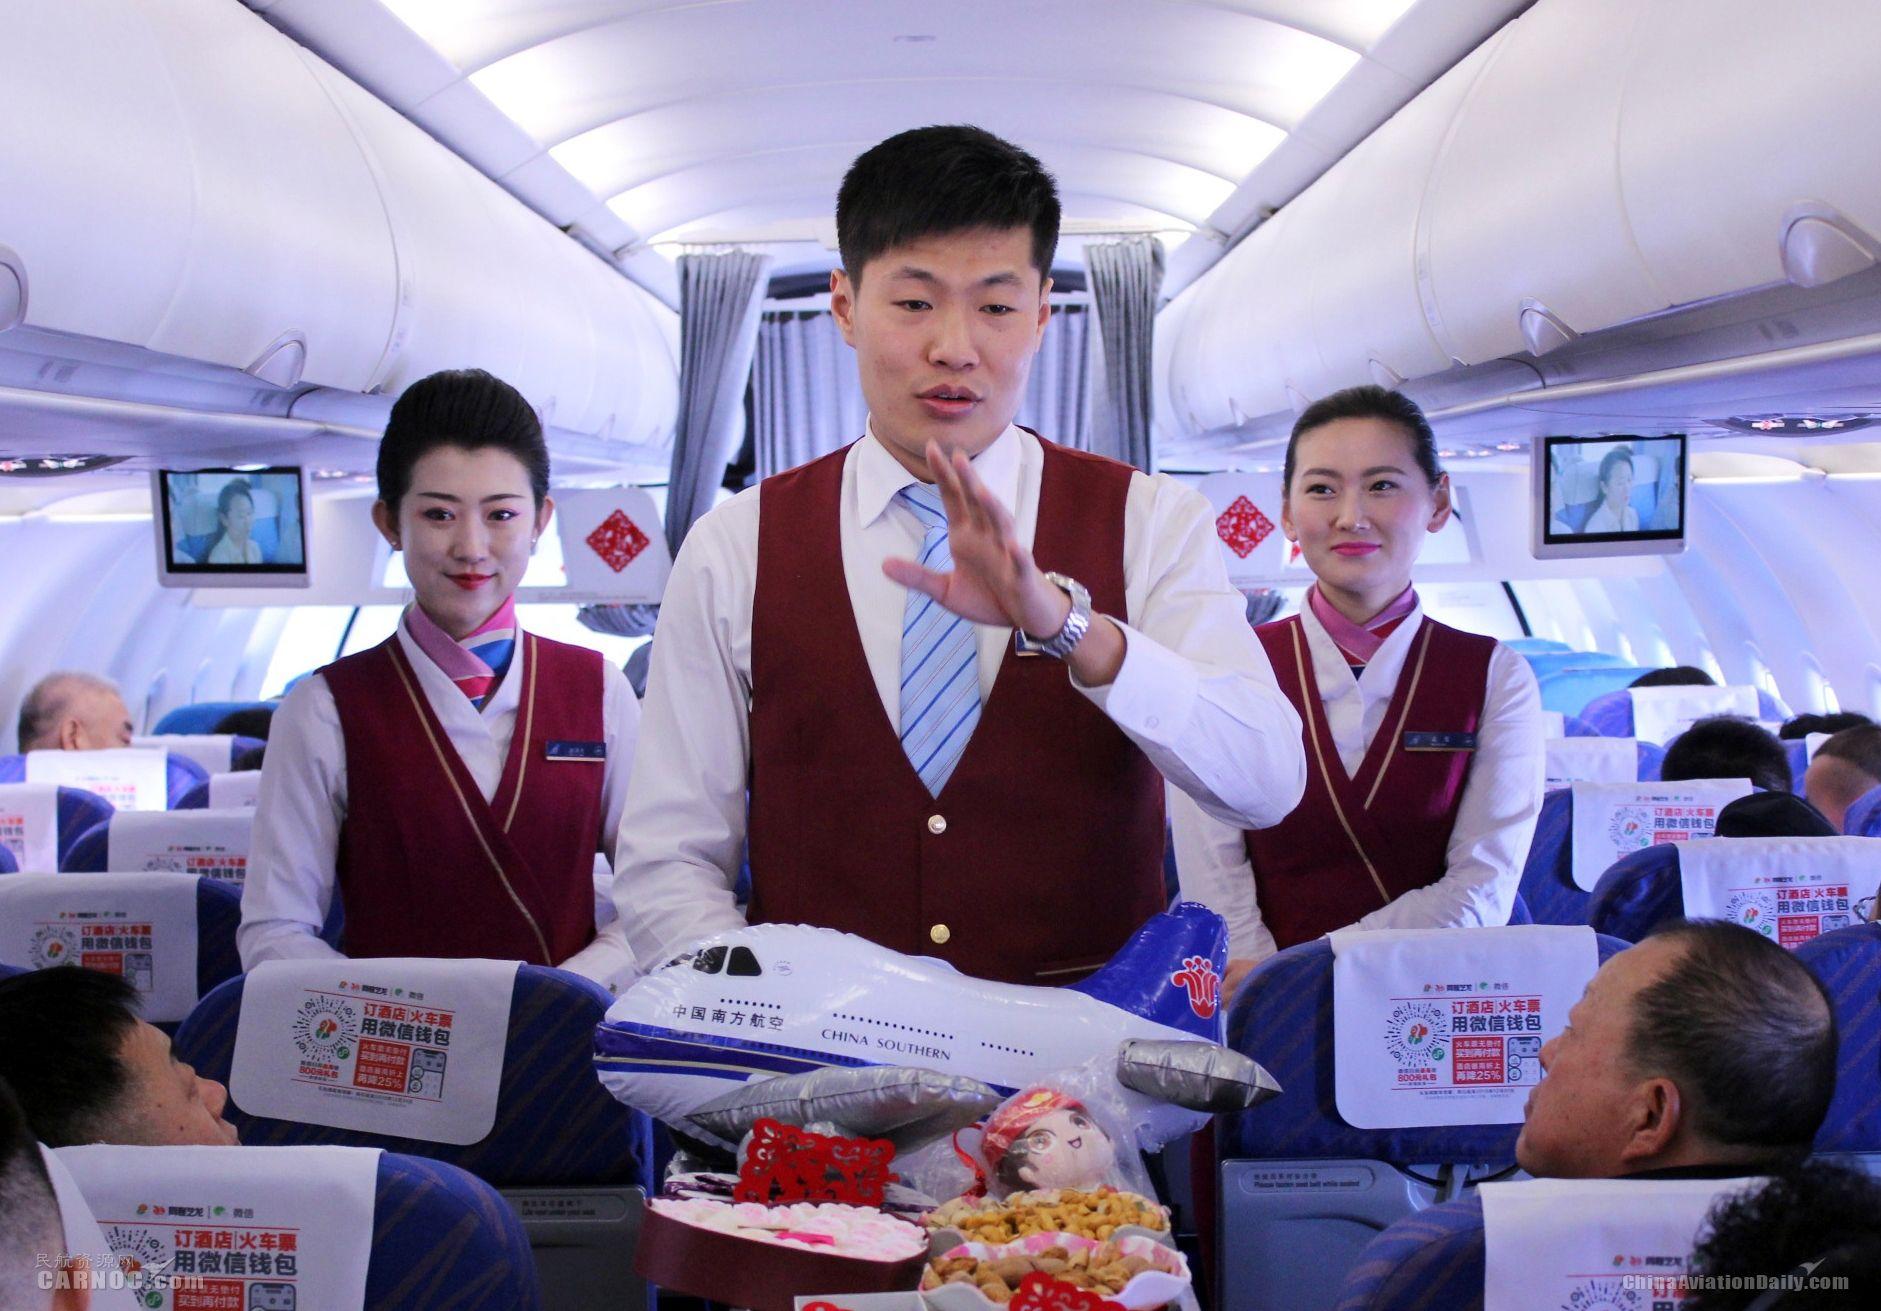 万米高空,南航大连乘务组与旅客共庆新春